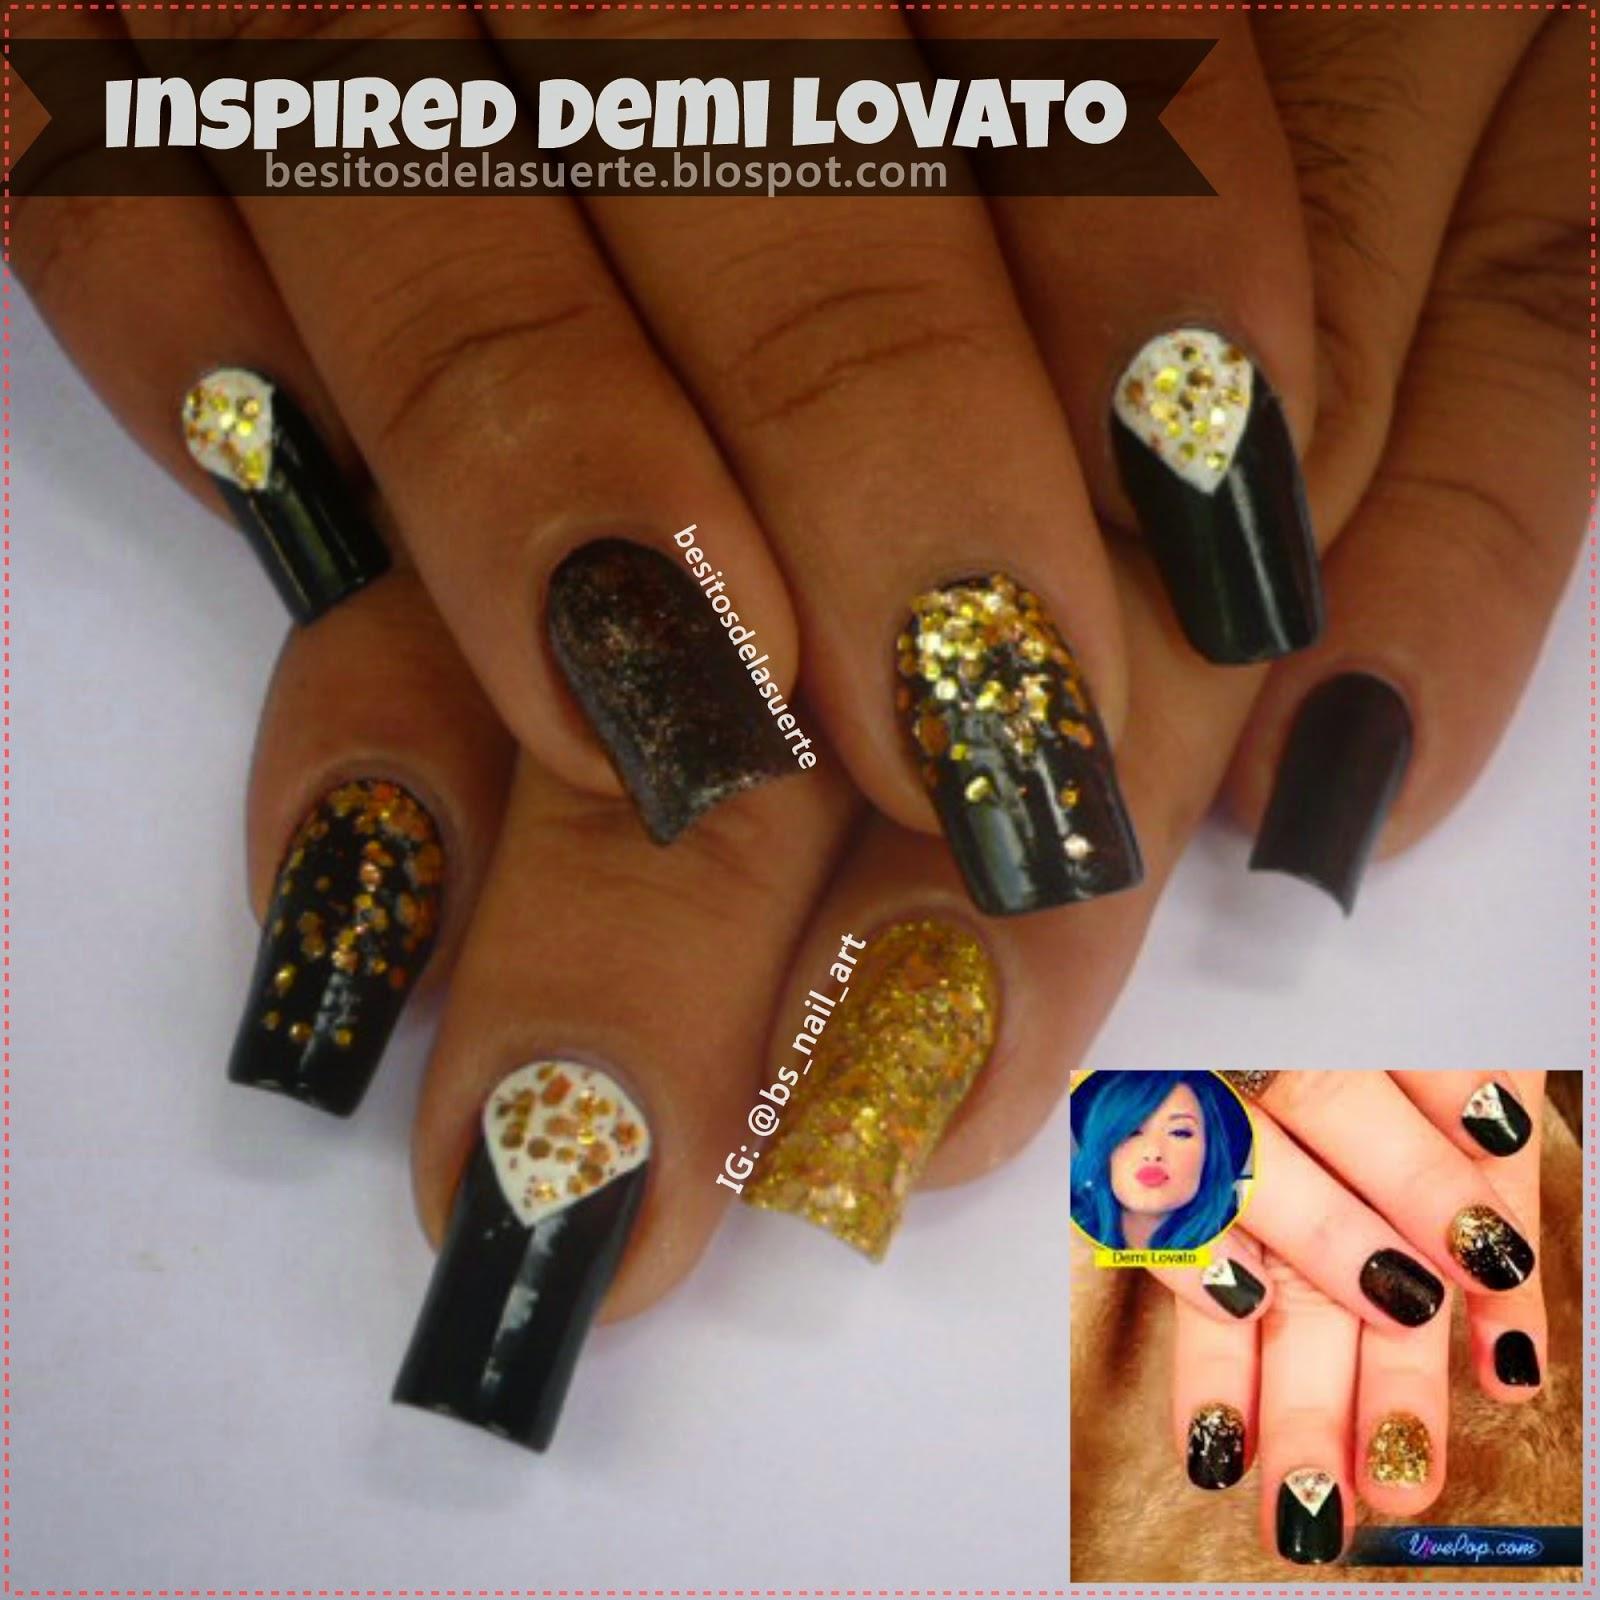 Besitos de la suerte: Reto: Celebrity nails 2- Cantante Demi Lovato